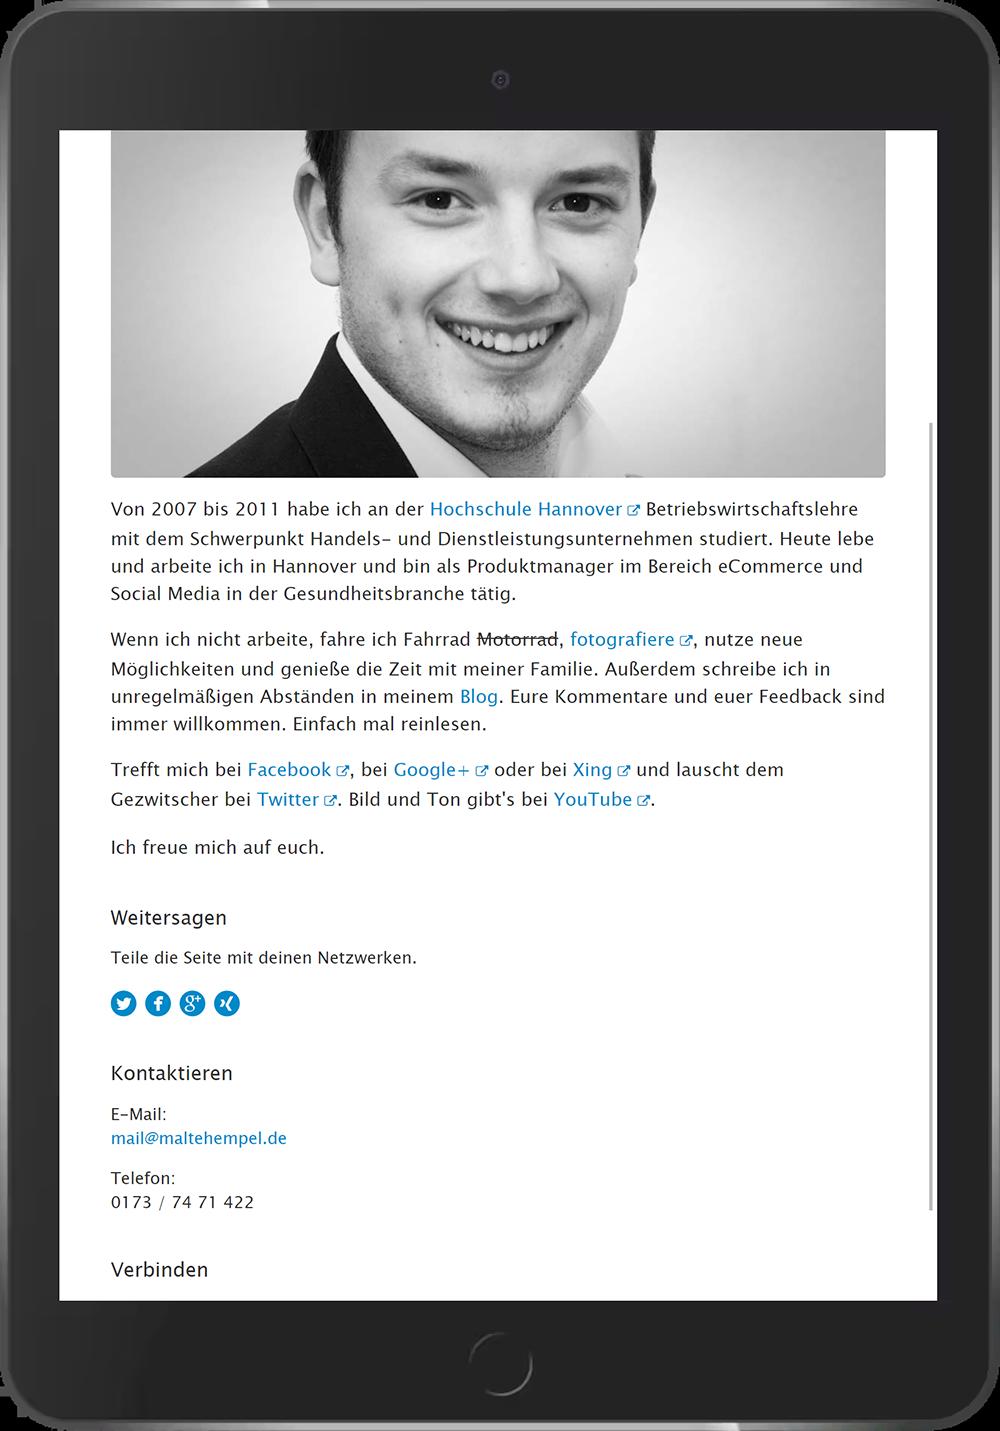 Erste vollständig responsive Webseite von Malte Hempel aus dem Jahr 2014.